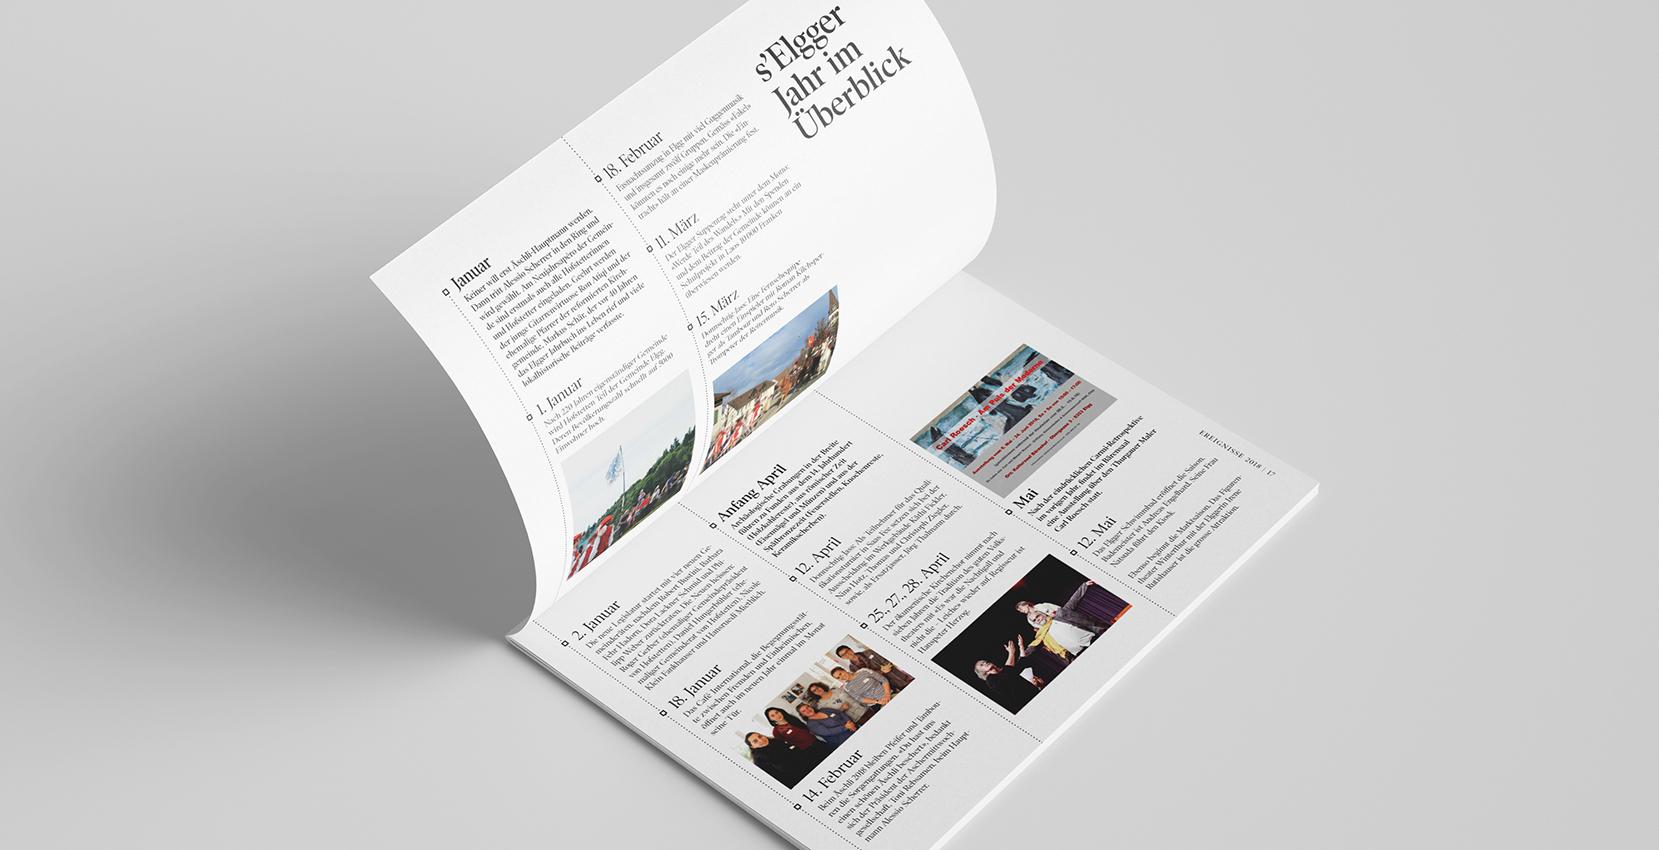 gigermiesch-zelgg-jahresbuch-editorialdesign-elgg